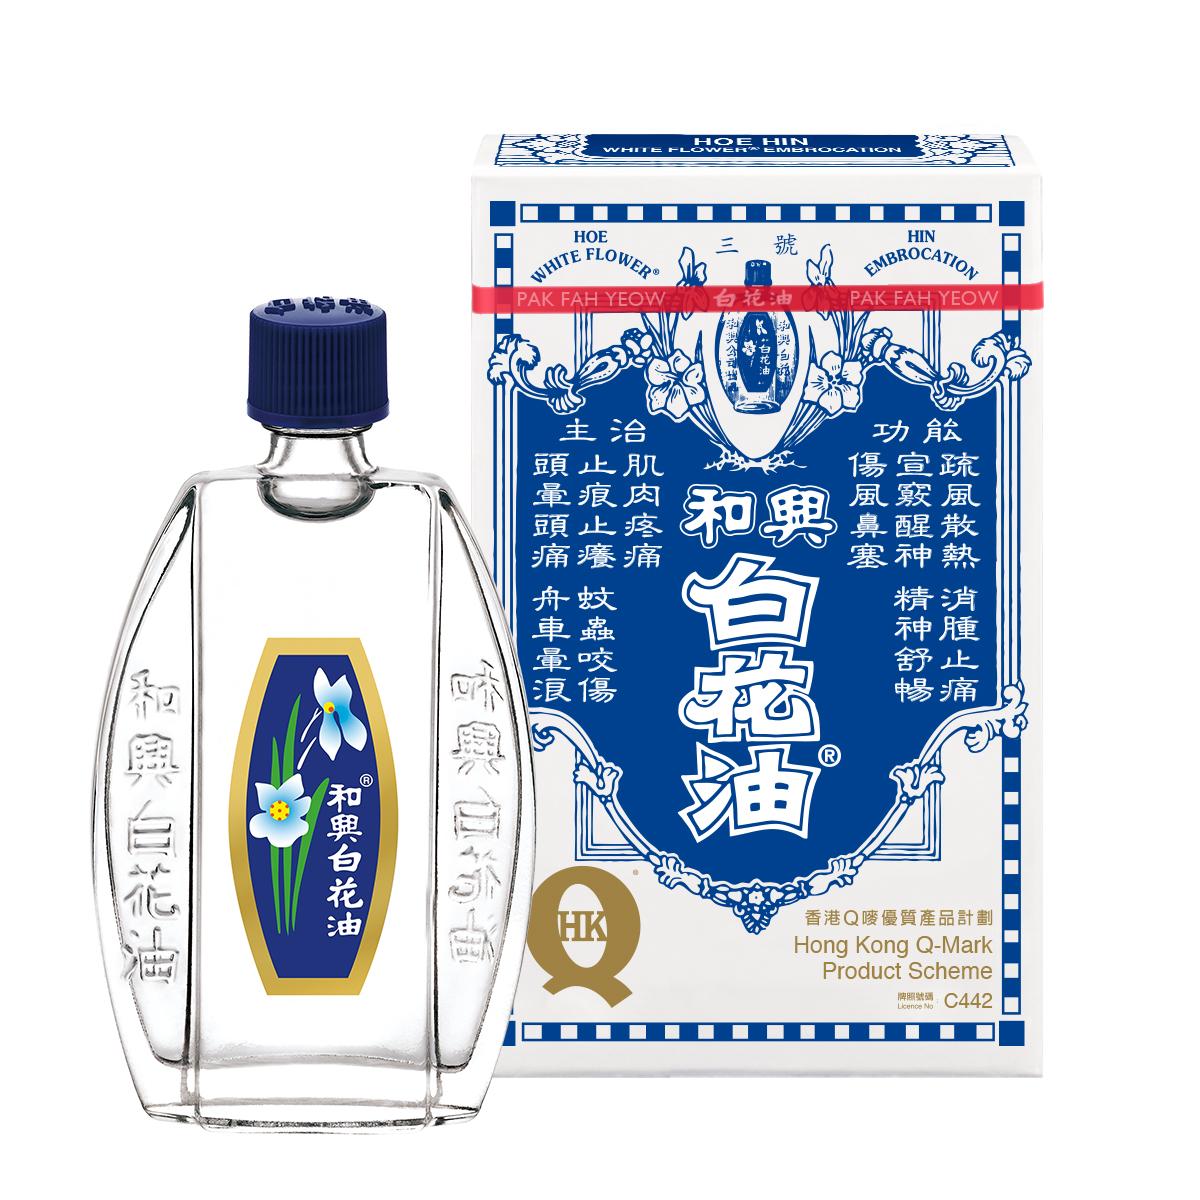 和興白花油(20亳升) – 傳統配方